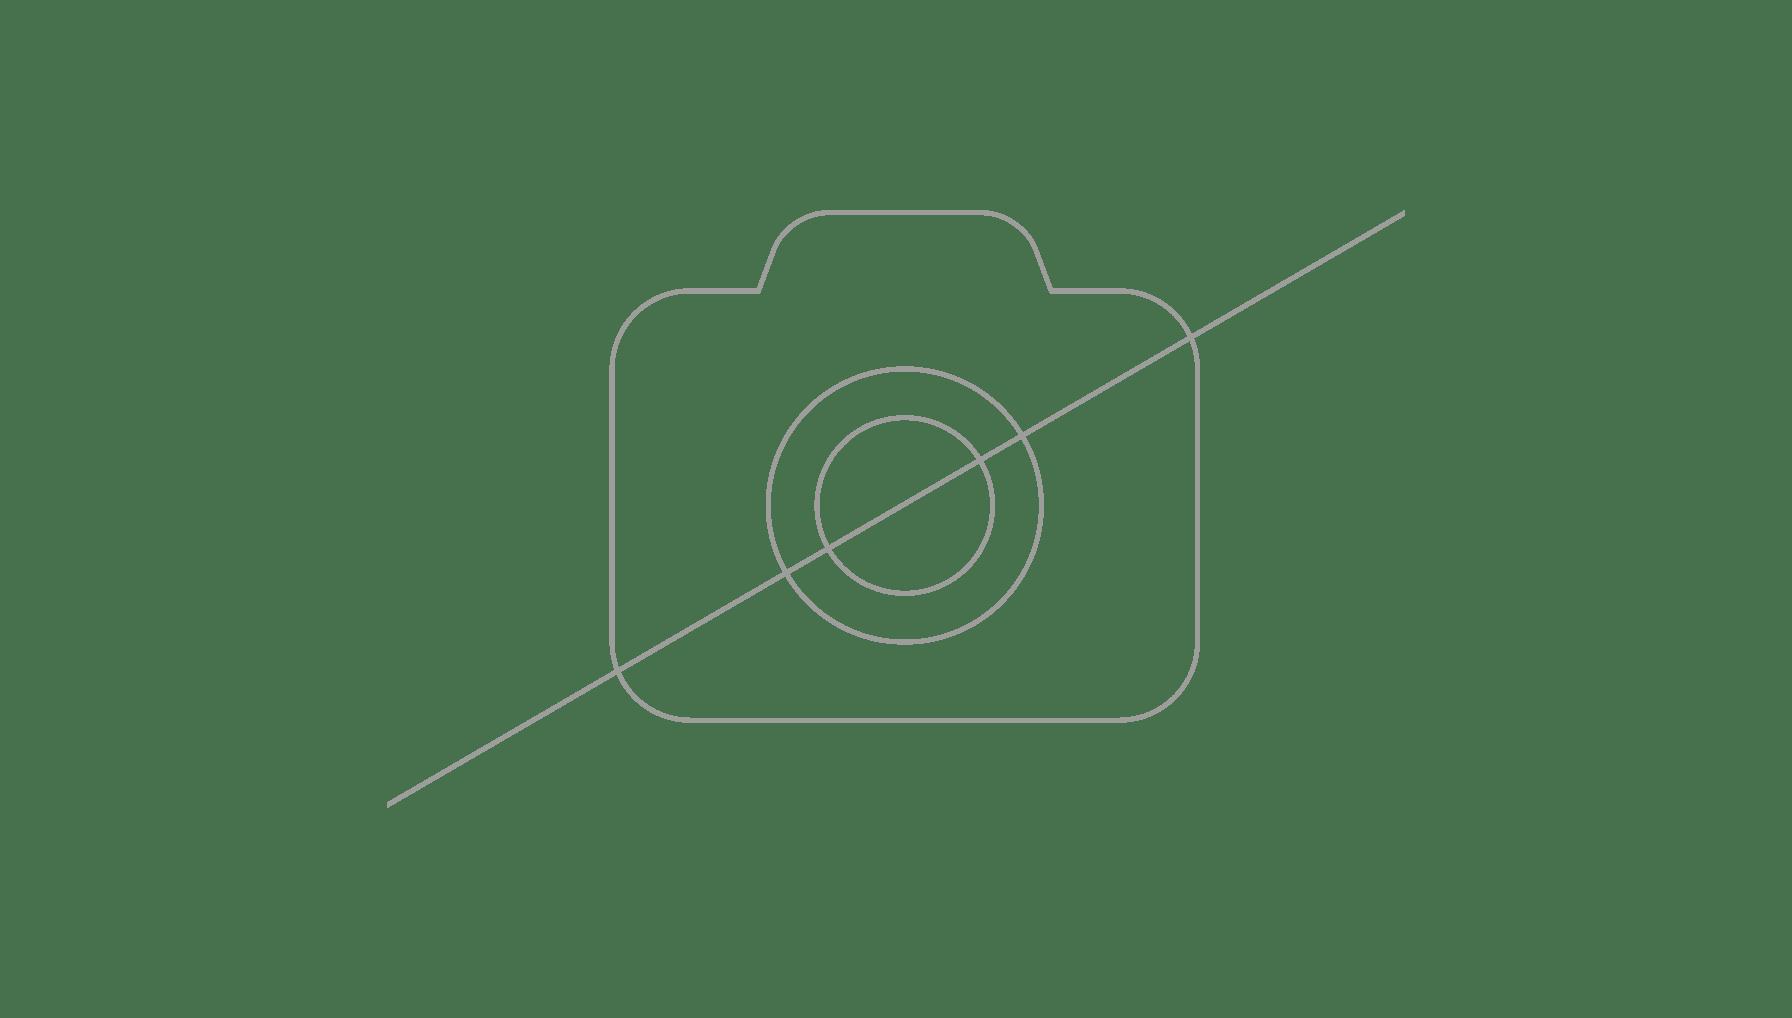 Induktionskochfeld ohne felder das glaskeramik kochfeld for Induktionskochfeld neff